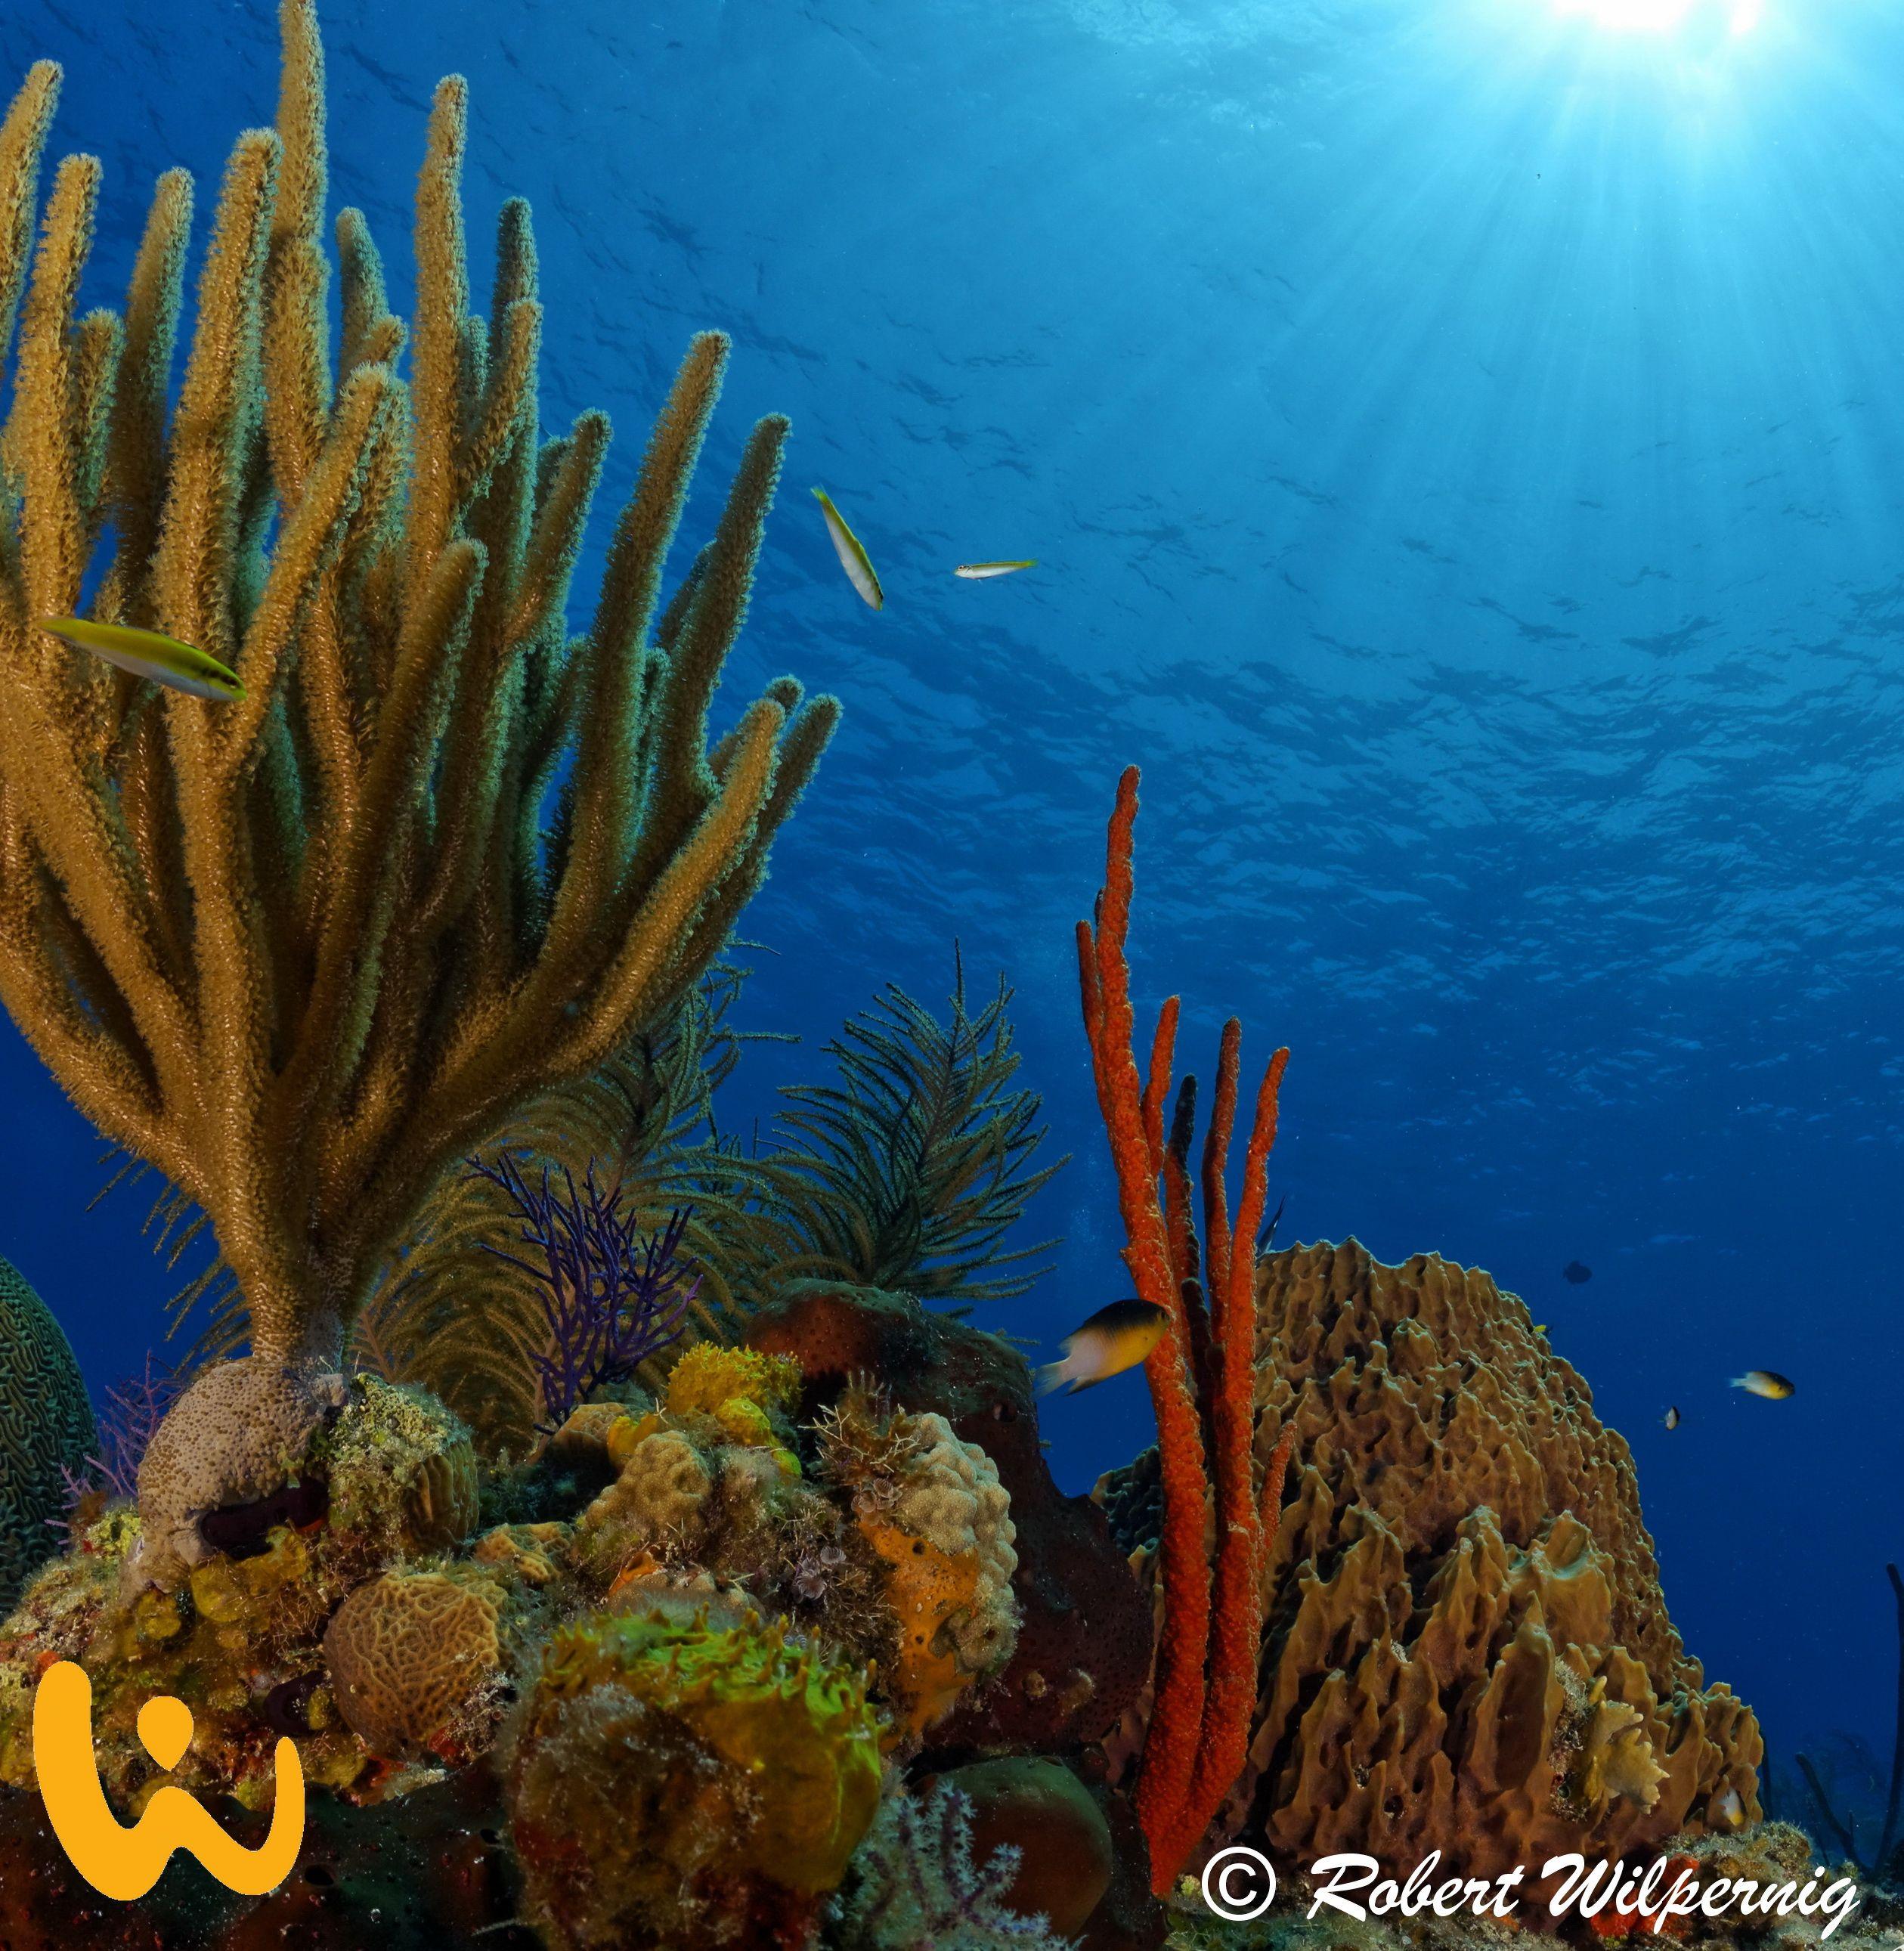 Bahamas unglaublich farbenfrohe Unterwasserwelt ♥ #bahamas ...